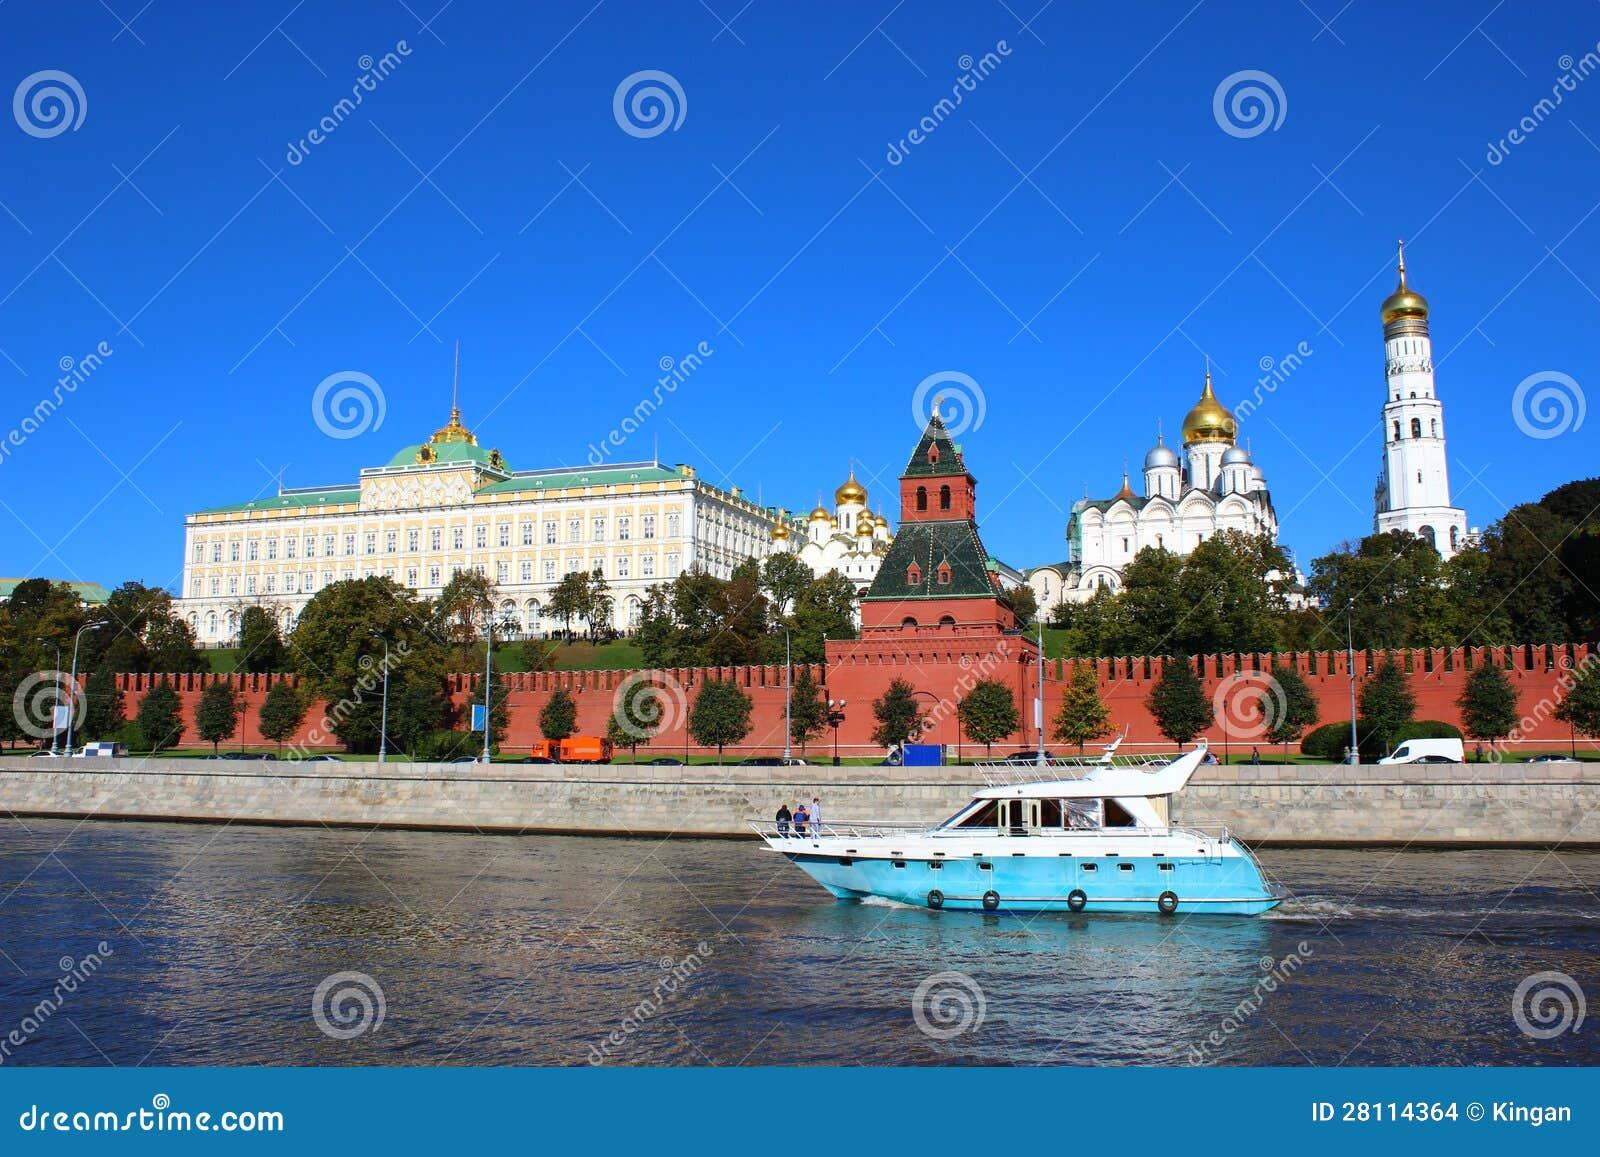 Stock afbeeldingen: boot die op de rivier op de achtergrond van moskou